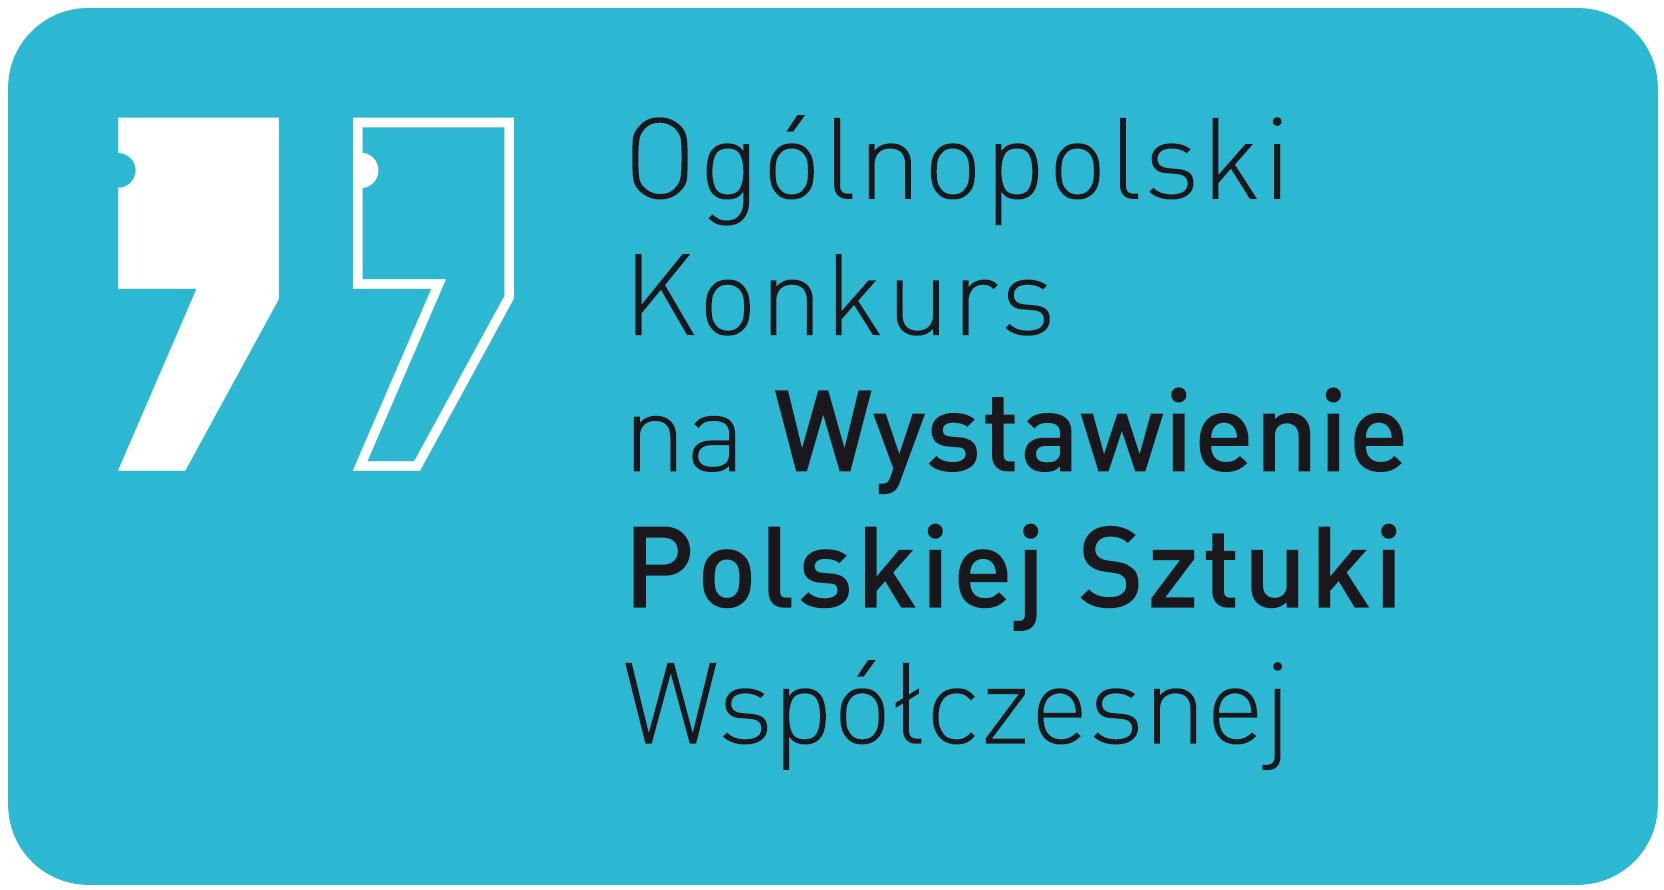 Logo Ogólnopolskiego Konkursu na Wystawienie Sztuki Współczesnej.